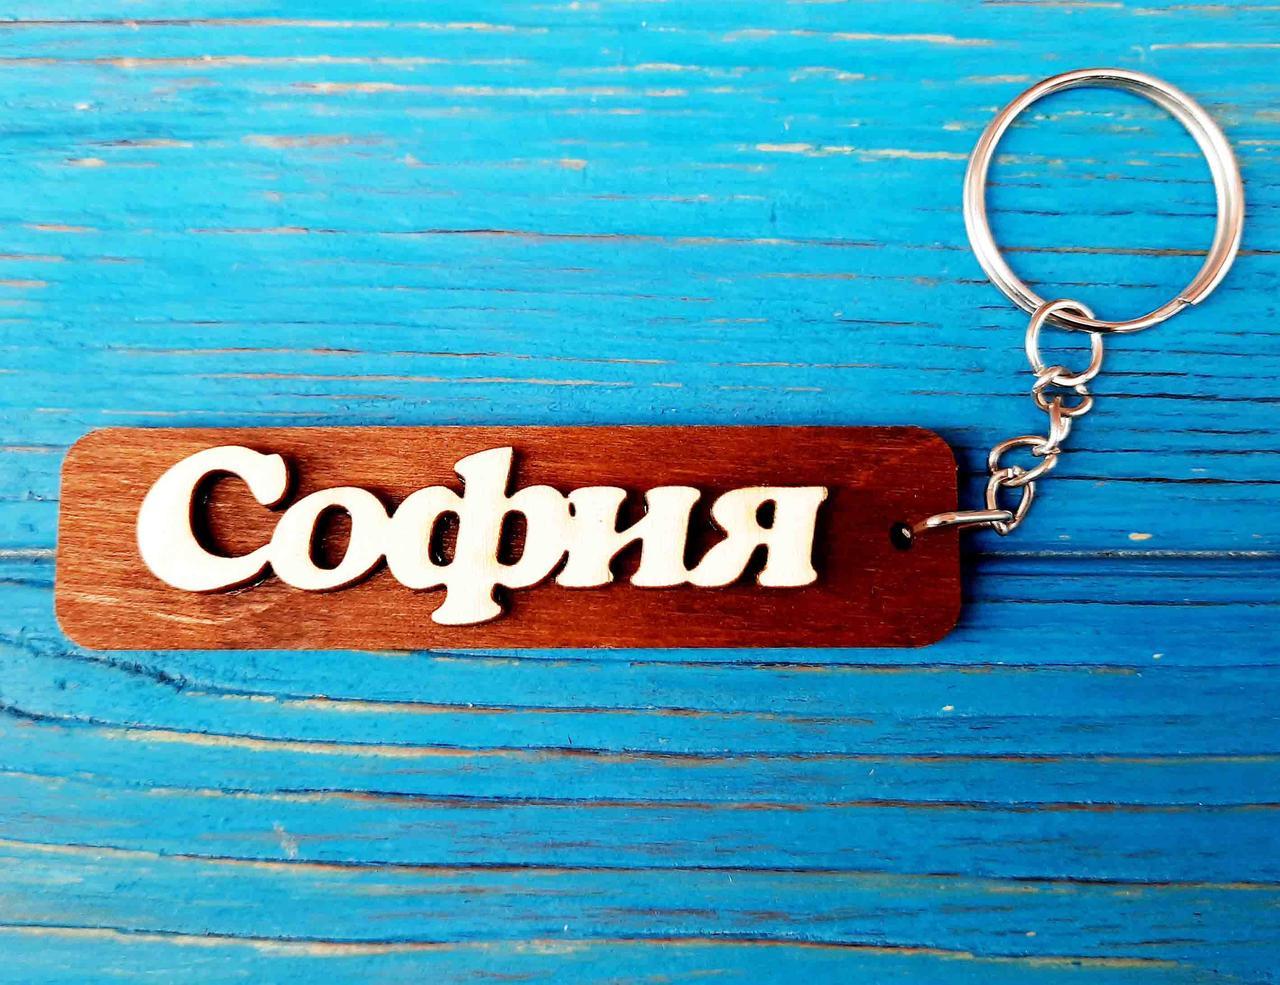 Брелок іменний Софія. Брелок з ім'ям Софія. Брелок дерев'яний. Брелок для ключів. Брелоки з іменами